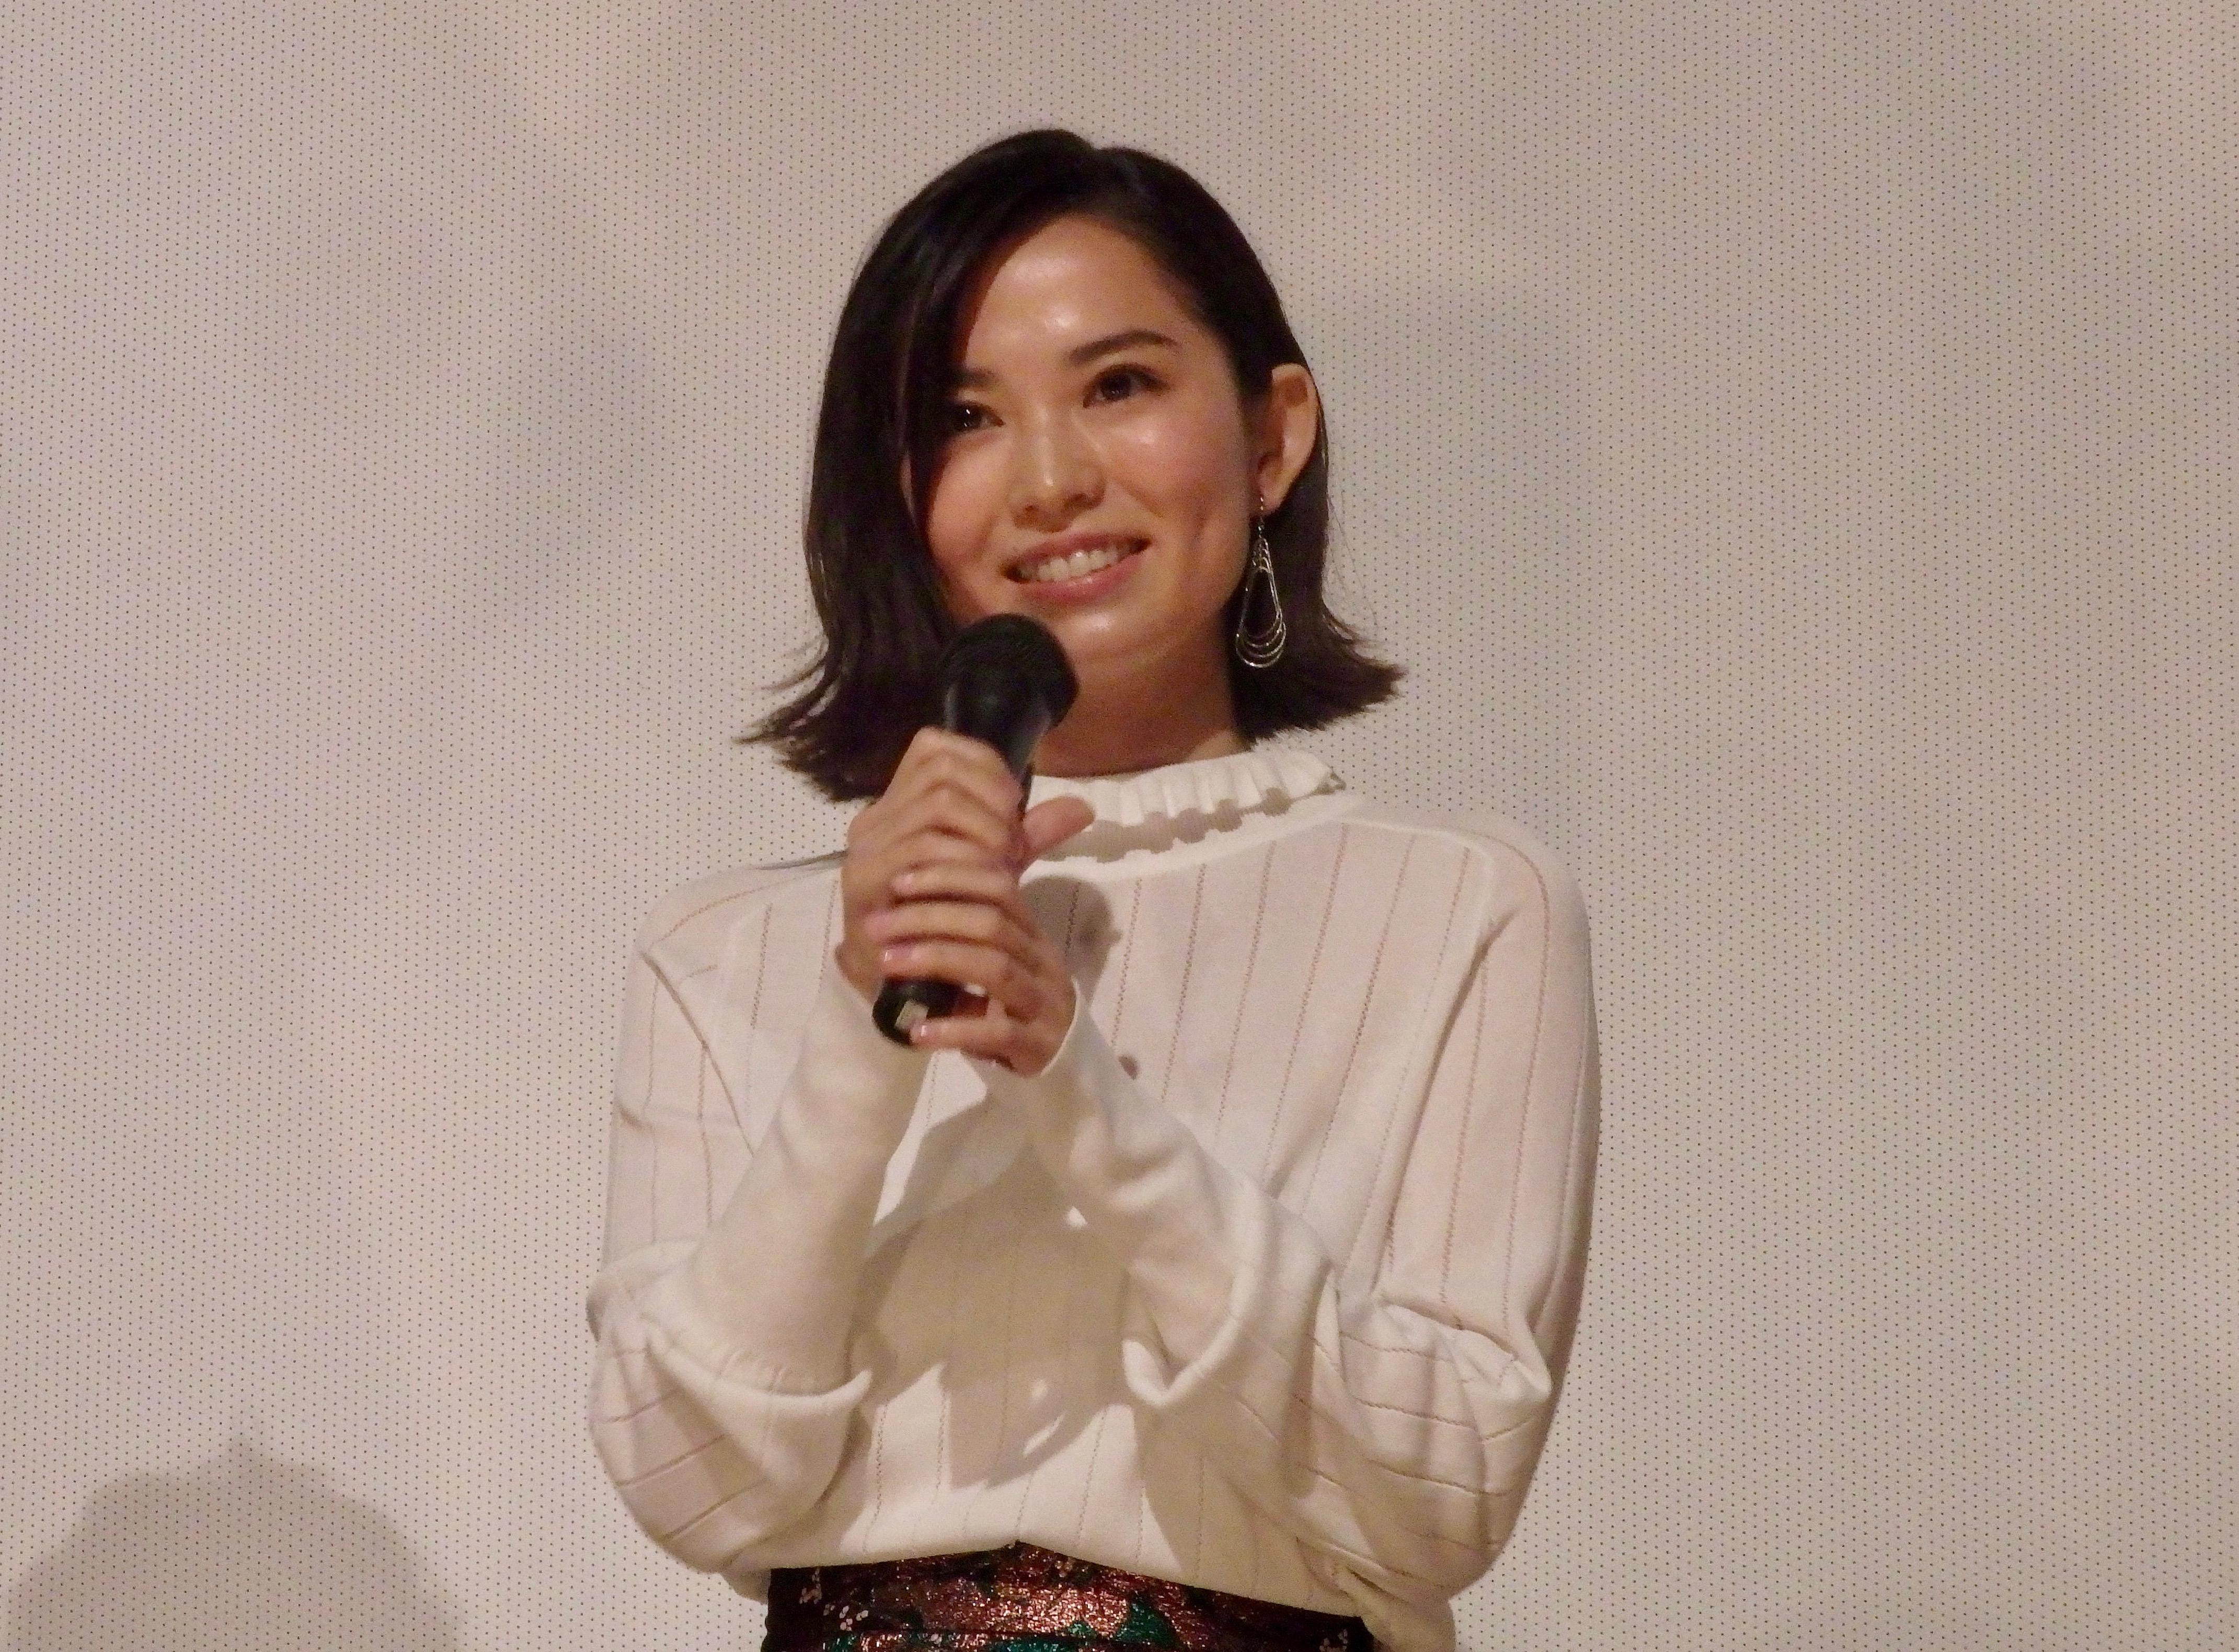 http://news.yoshimoto.co.jp/20170715192740-9ff3c7a70514909fad0ae75f3c3ce96edb063b82.jpg